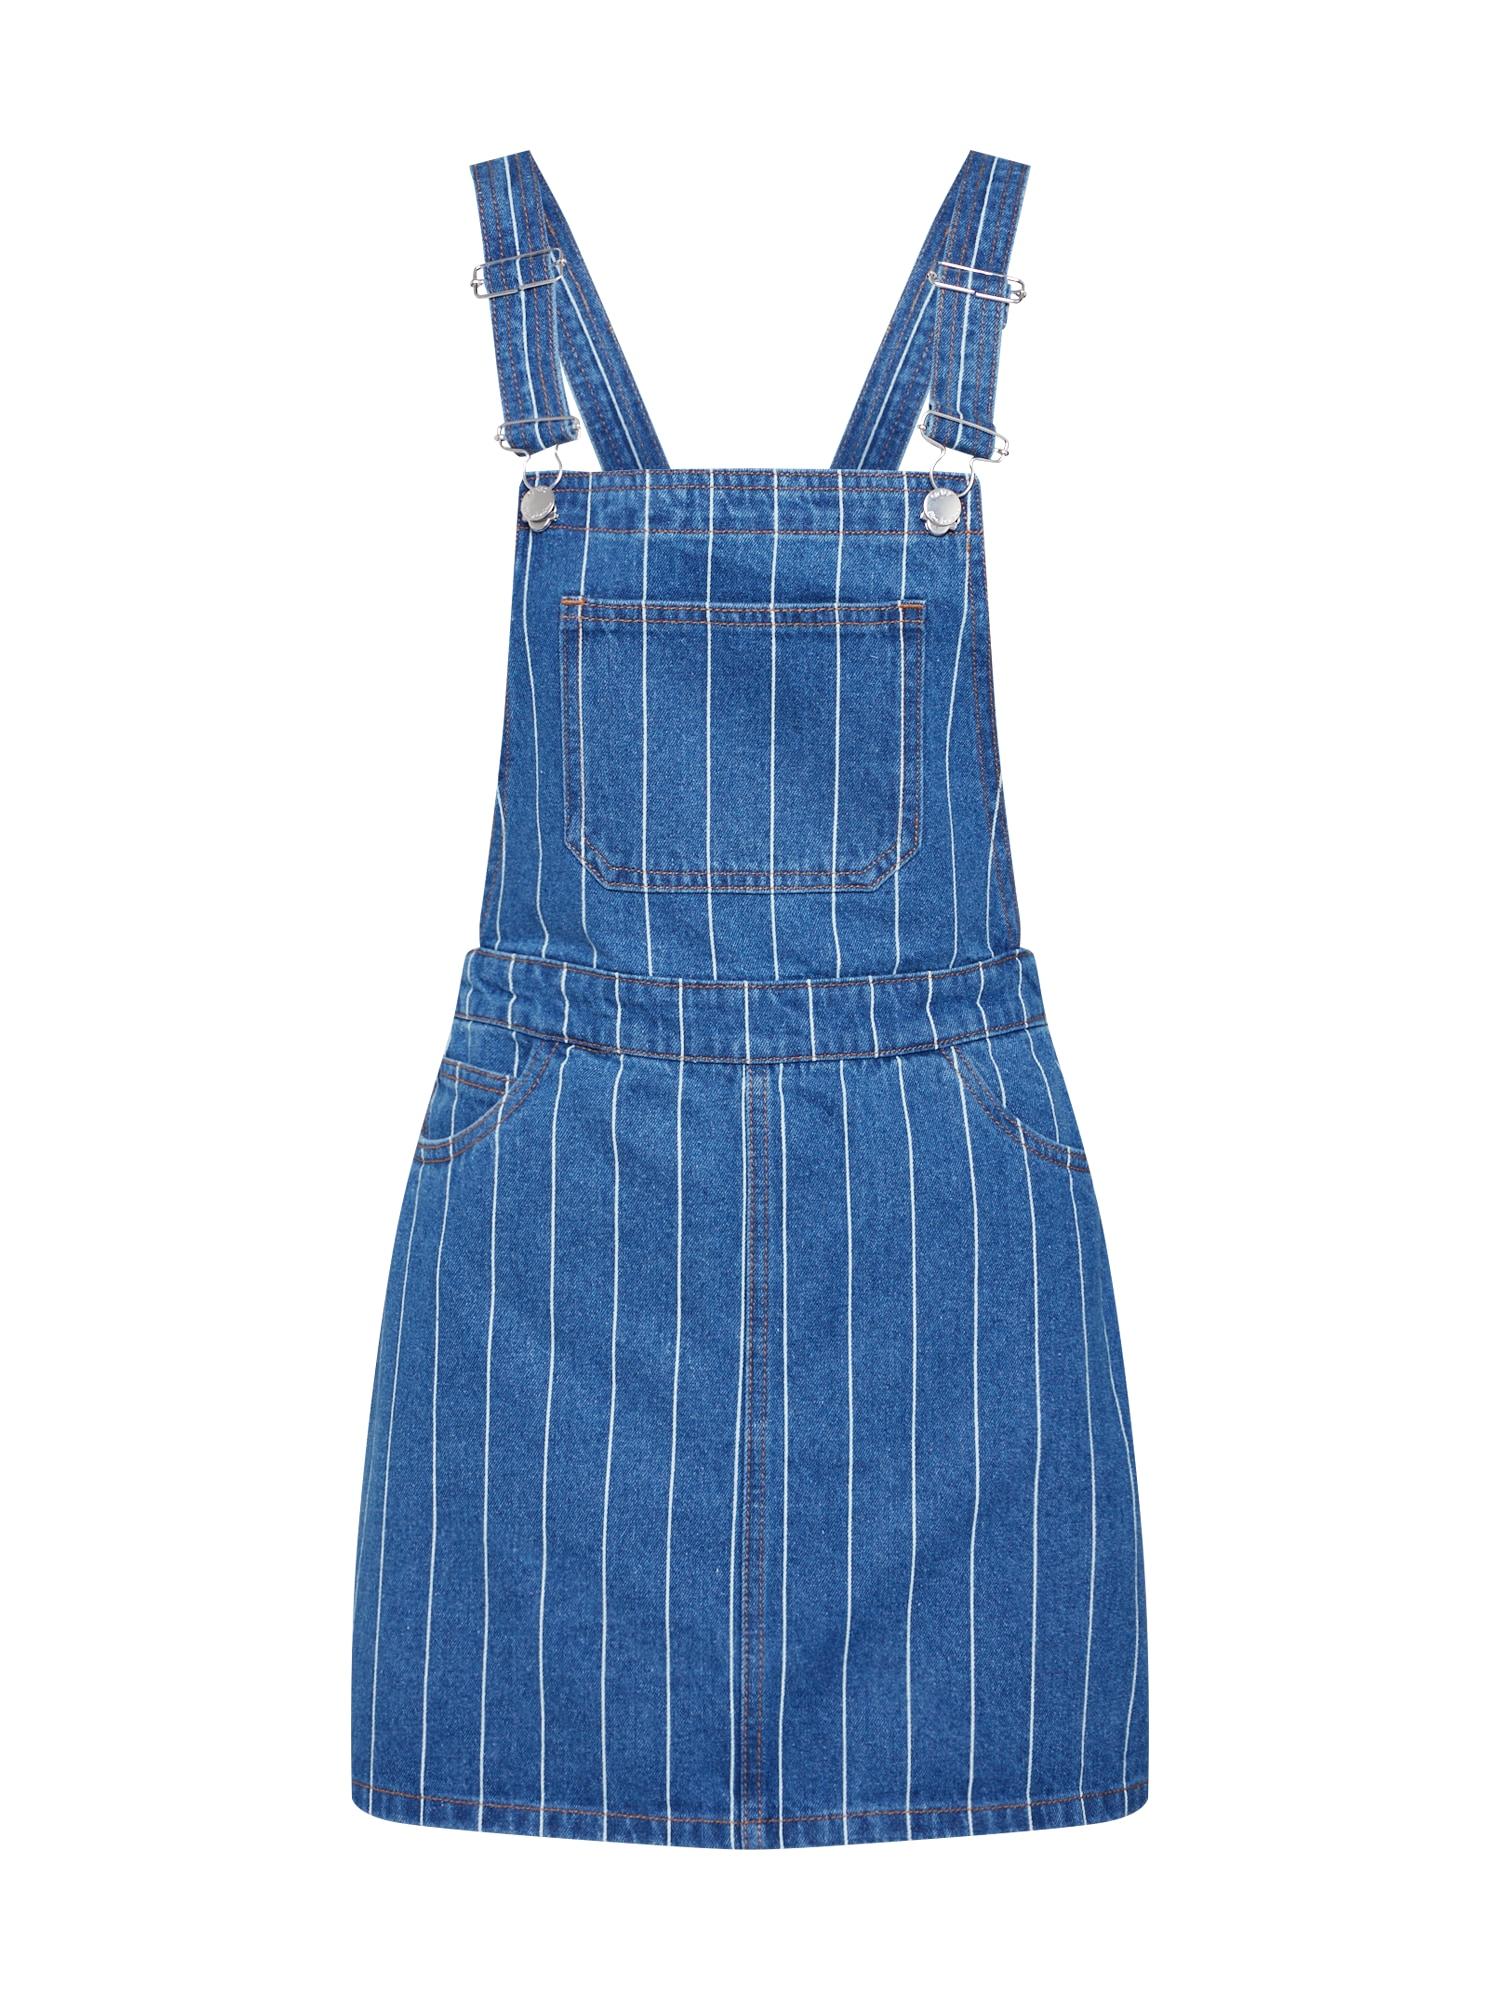 Laclová sukně onyDINA HW MB STRIPE SPENCER DNM modrá džínovina bílá ONLY